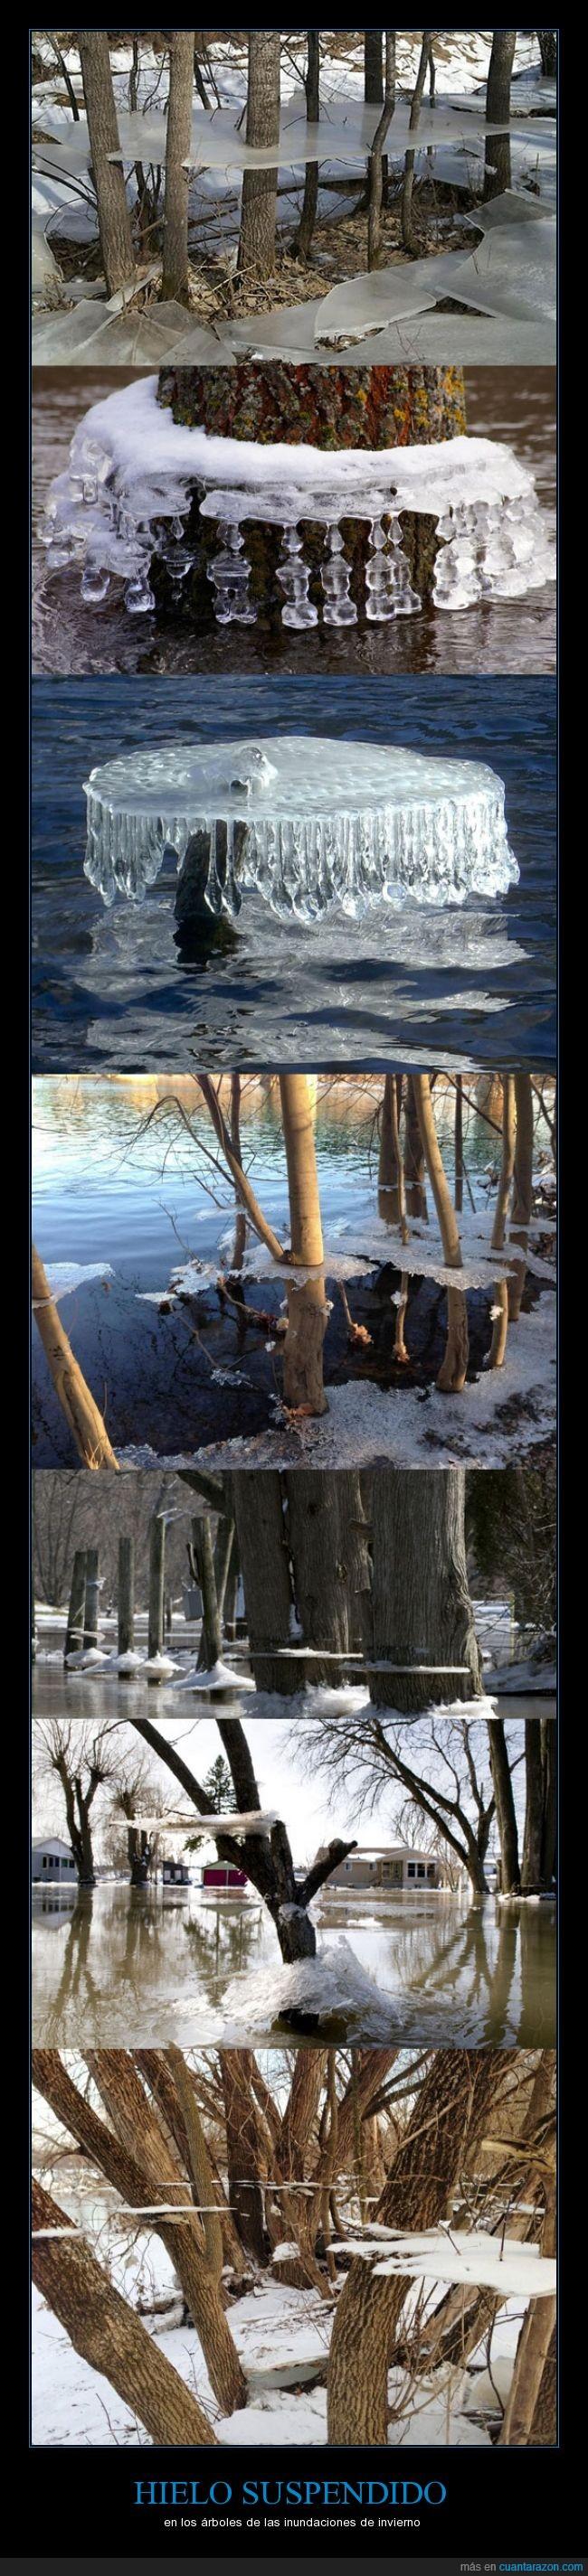 árboles,congelados,deshielo,frío,hielo,inundaciones,invierno,troncos